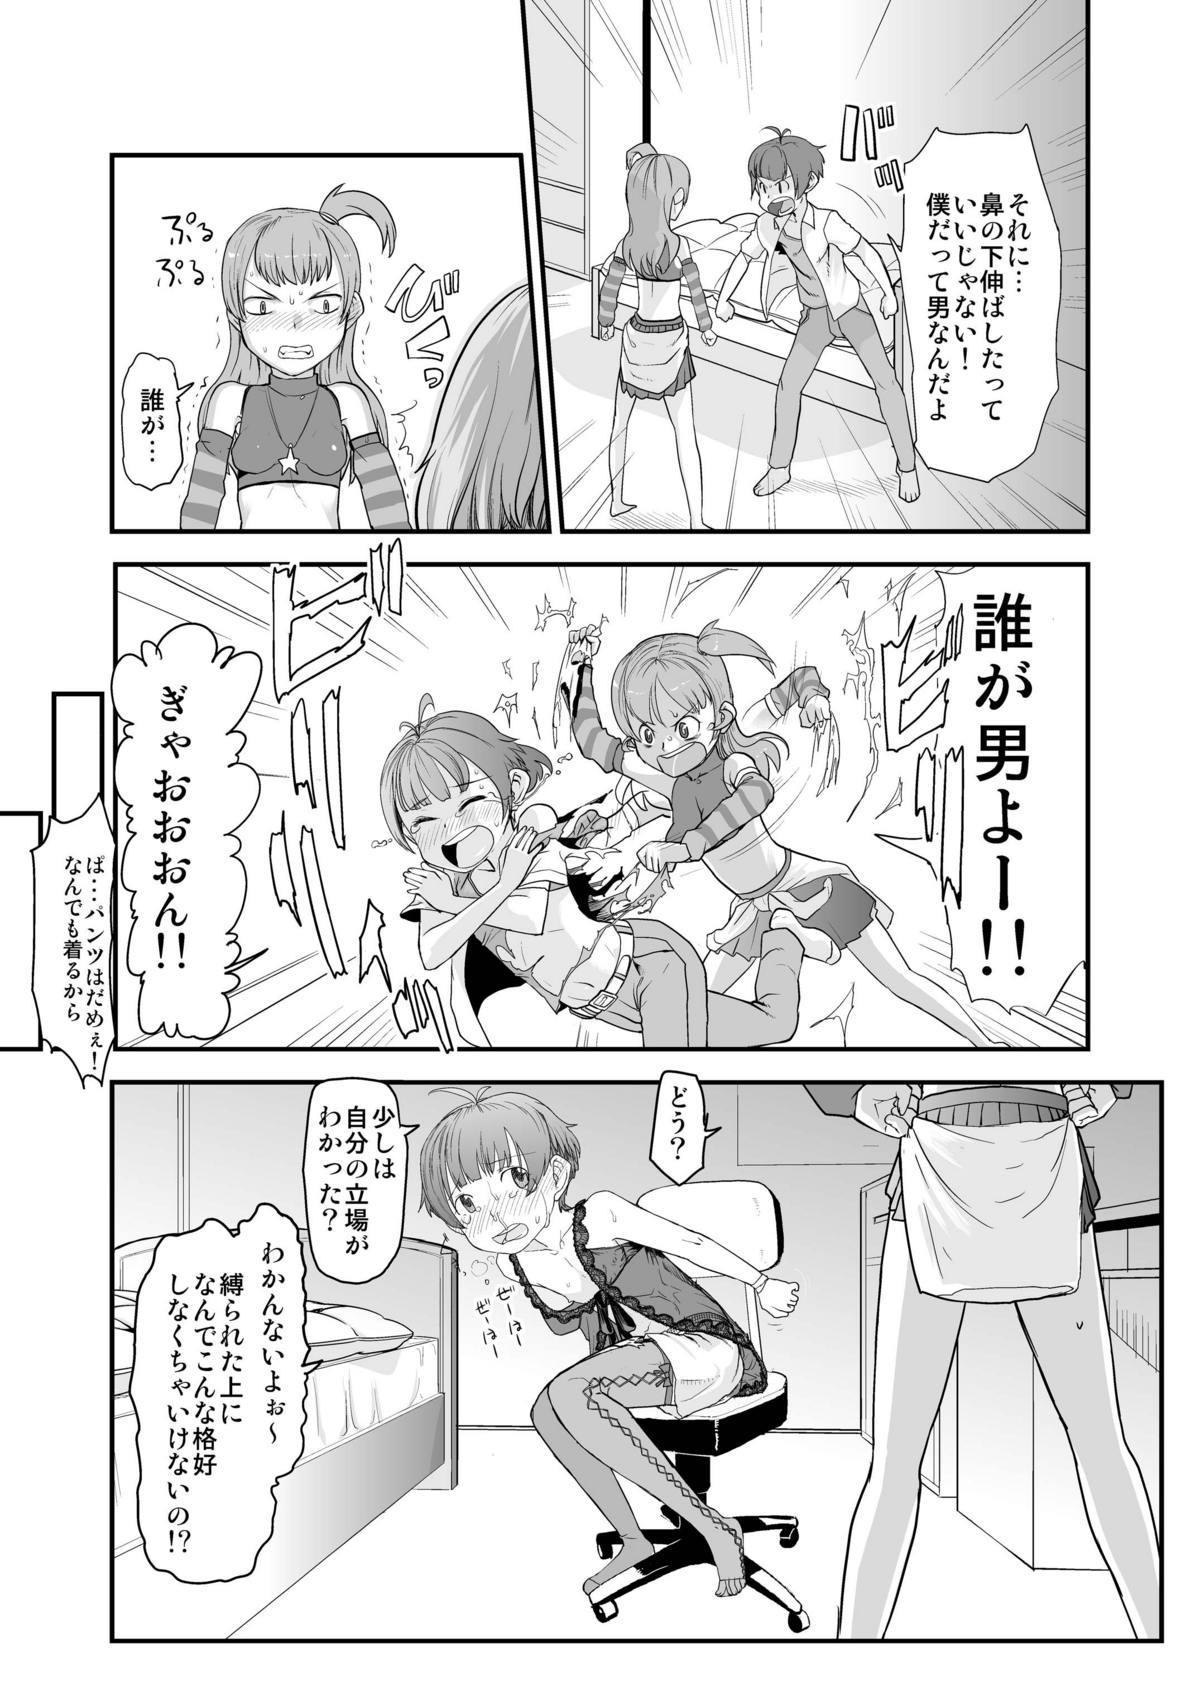 Anata to Ikiru, Subarashii Sekai! 3